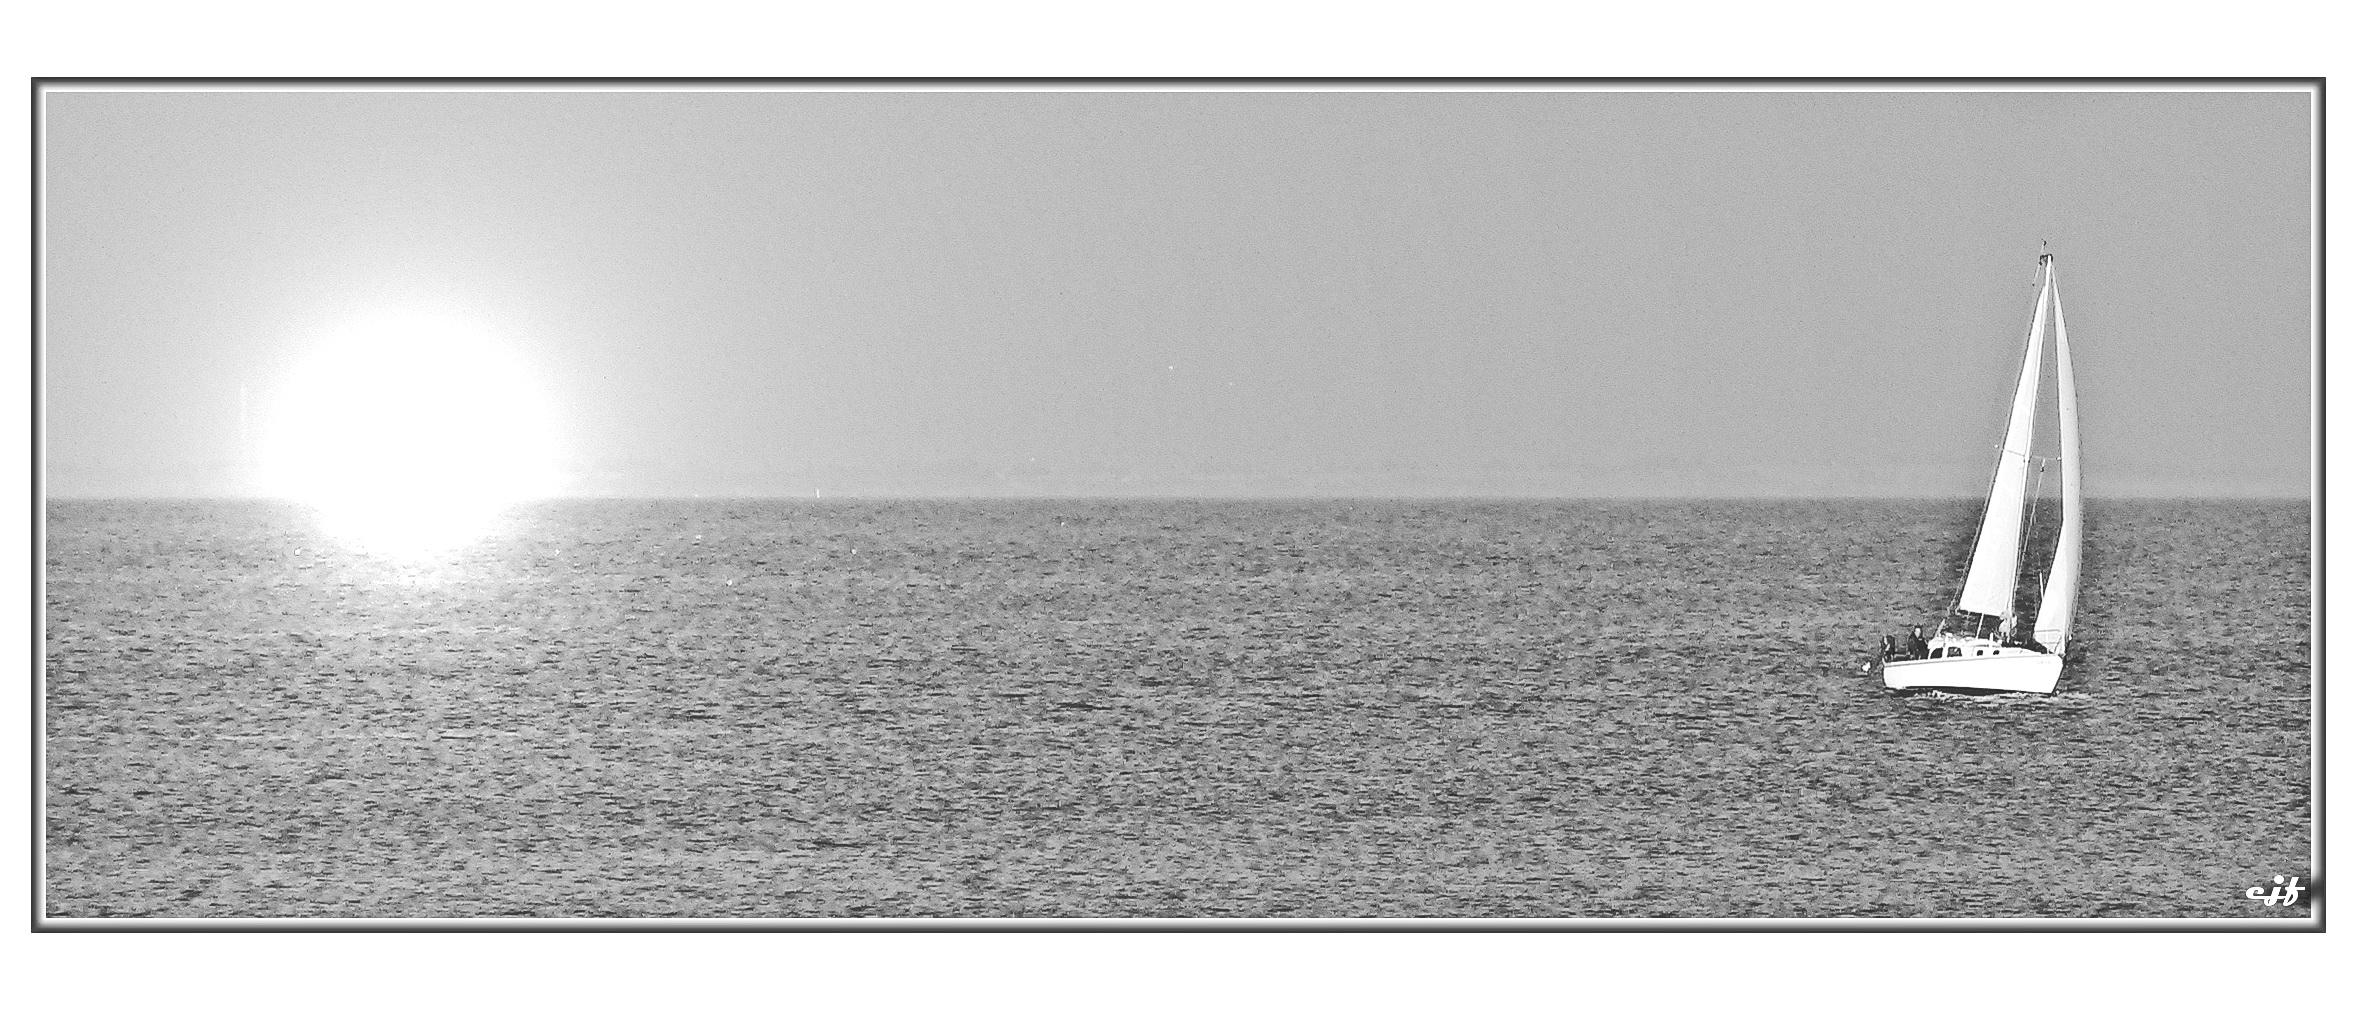 Segler im Wattenmeer